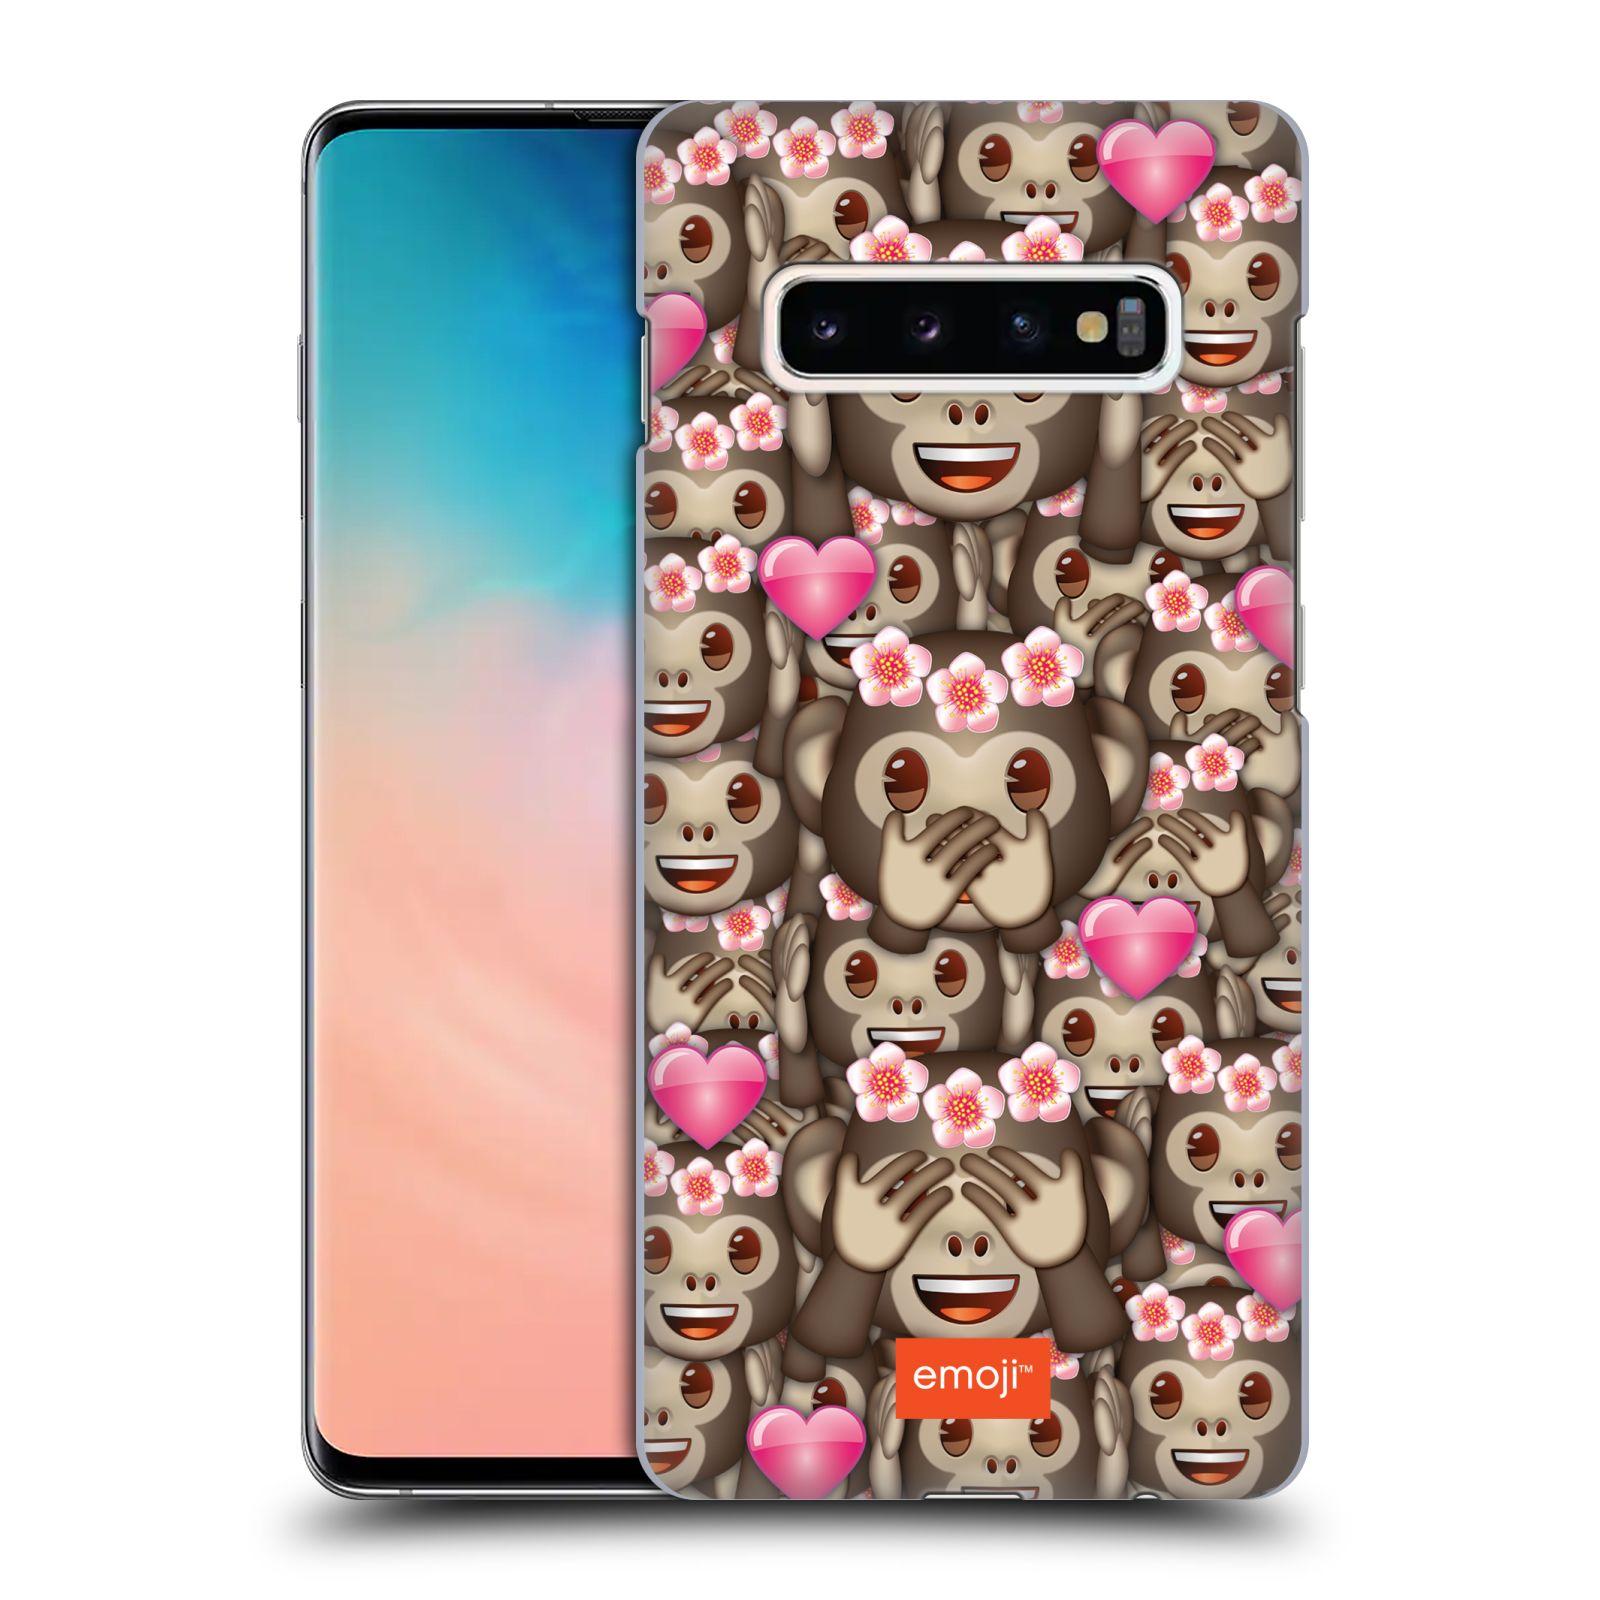 Plastové pouzdro na mobil Samsung Galaxy S10 Plus - Head Case - EMOJI - Opičky, srdíčka a kytičky